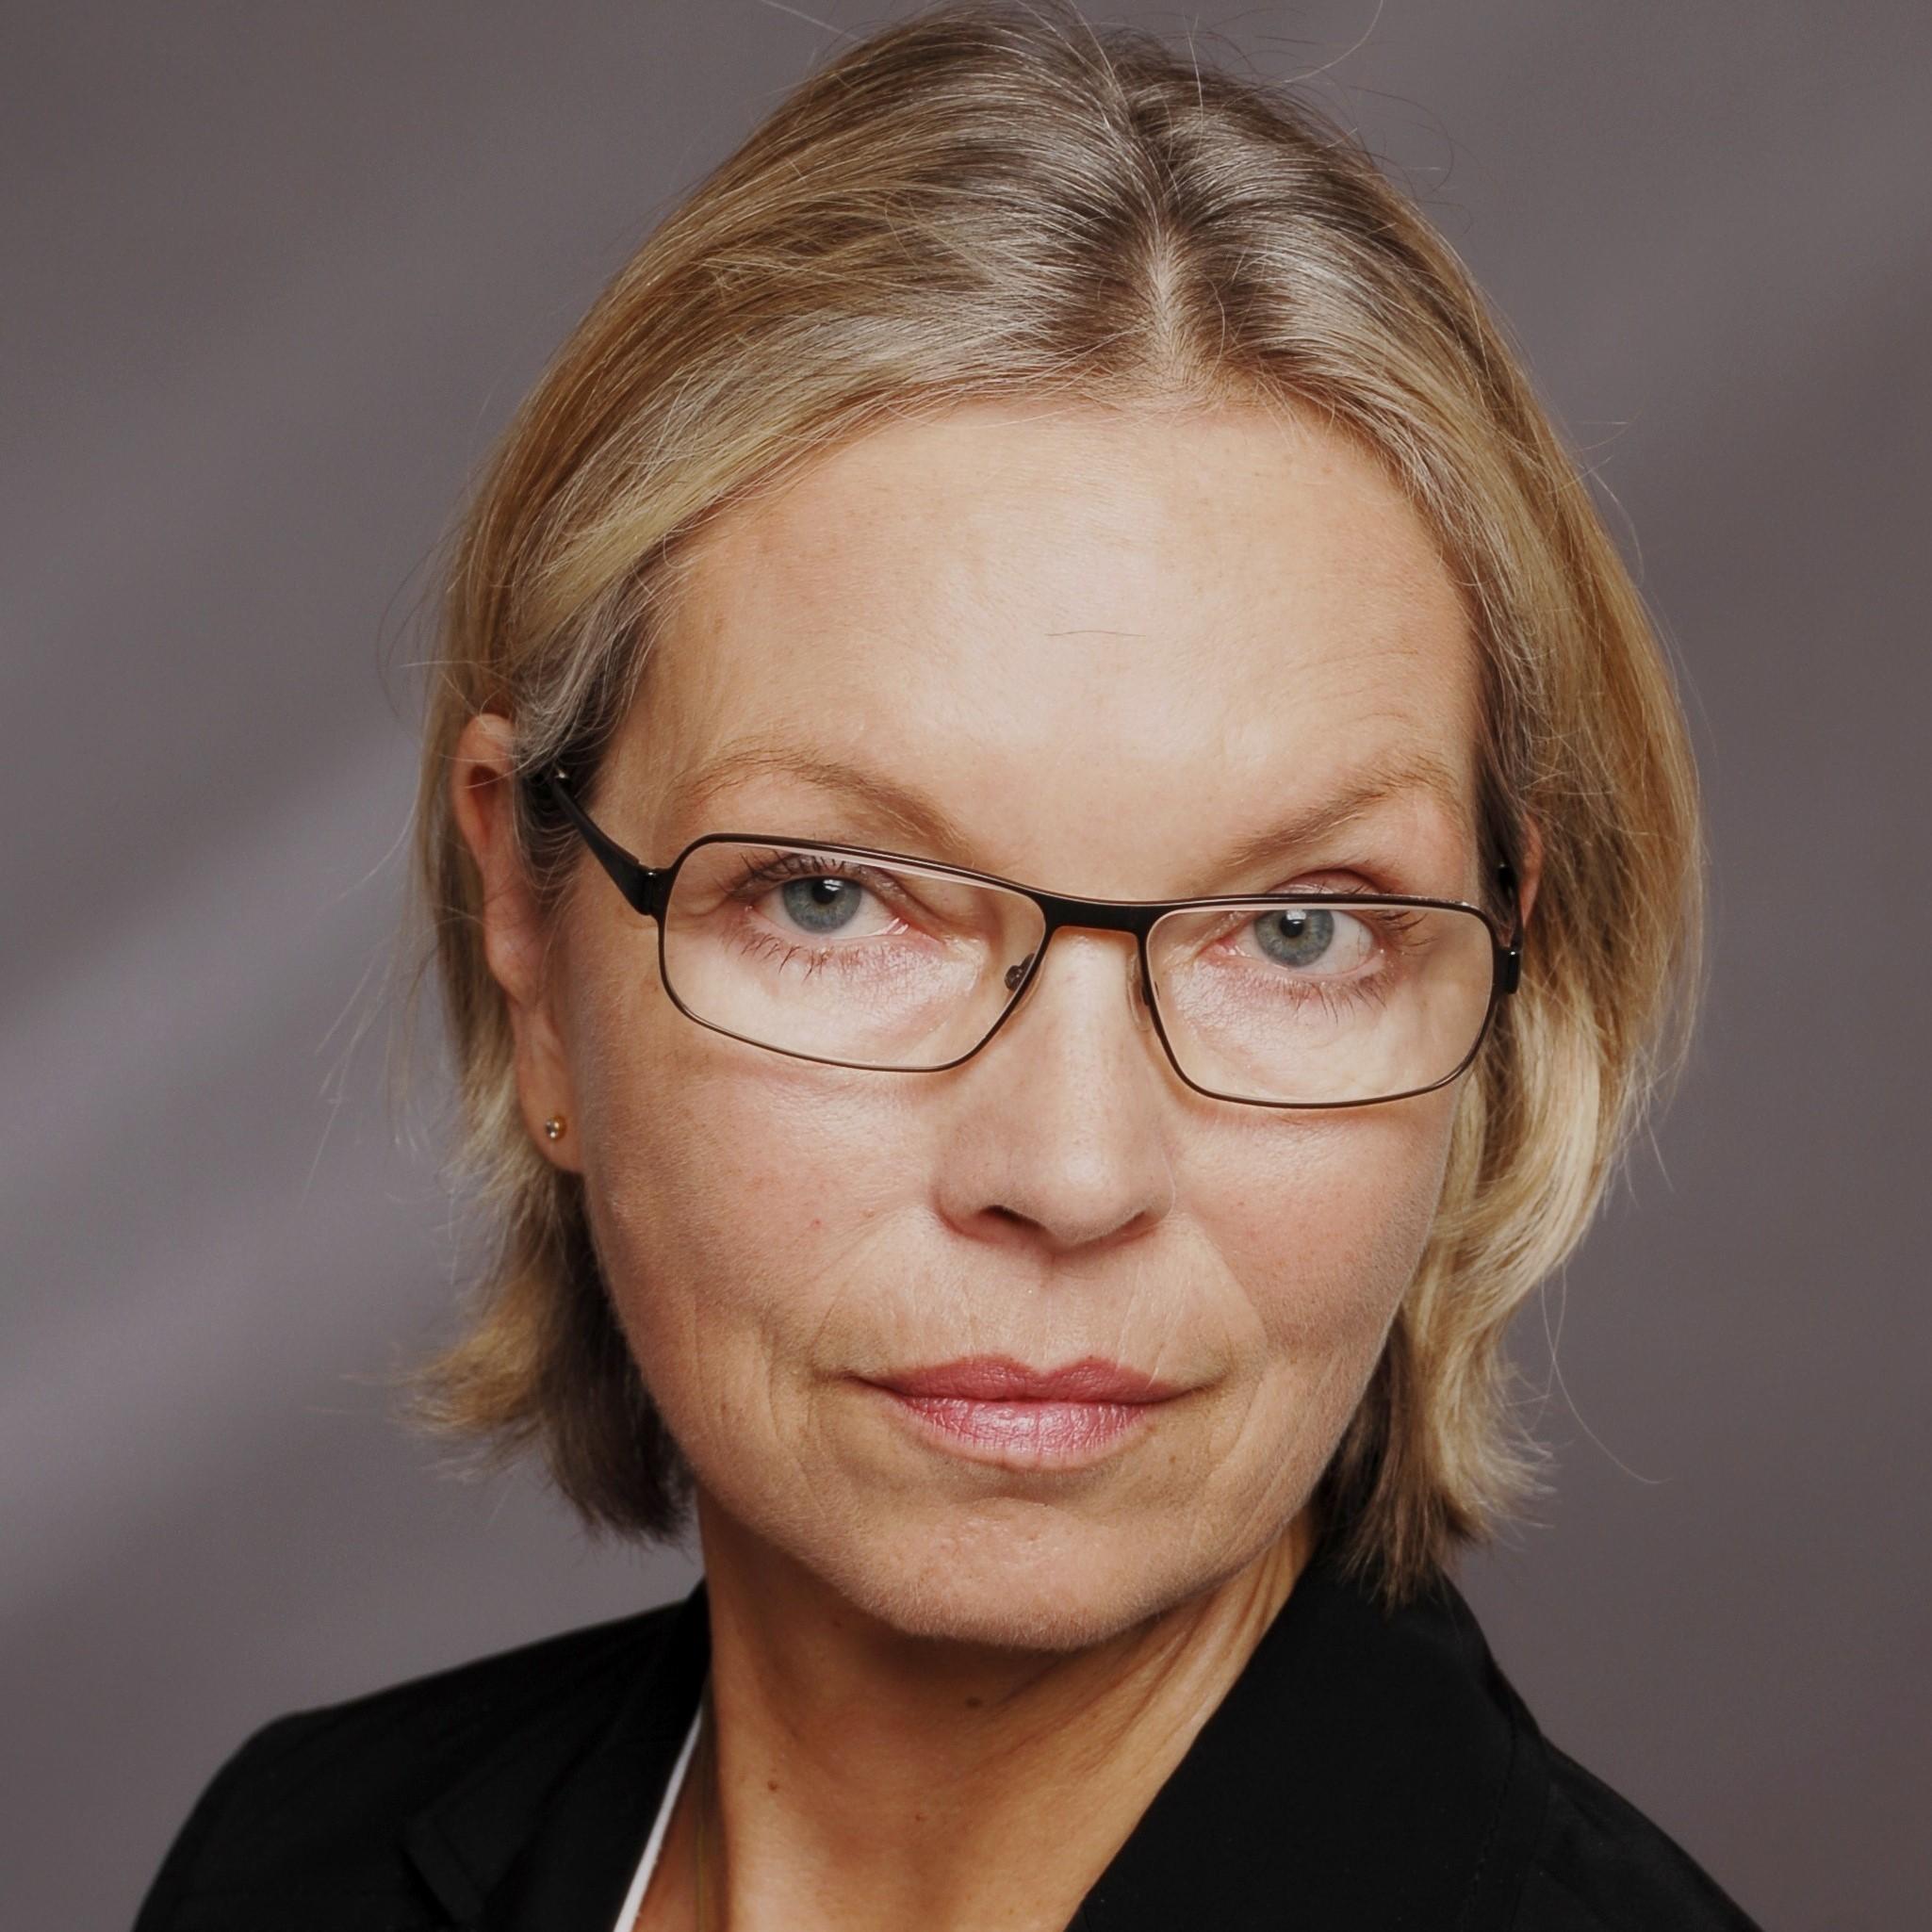 Prof. Anna Margaretha Horatschek